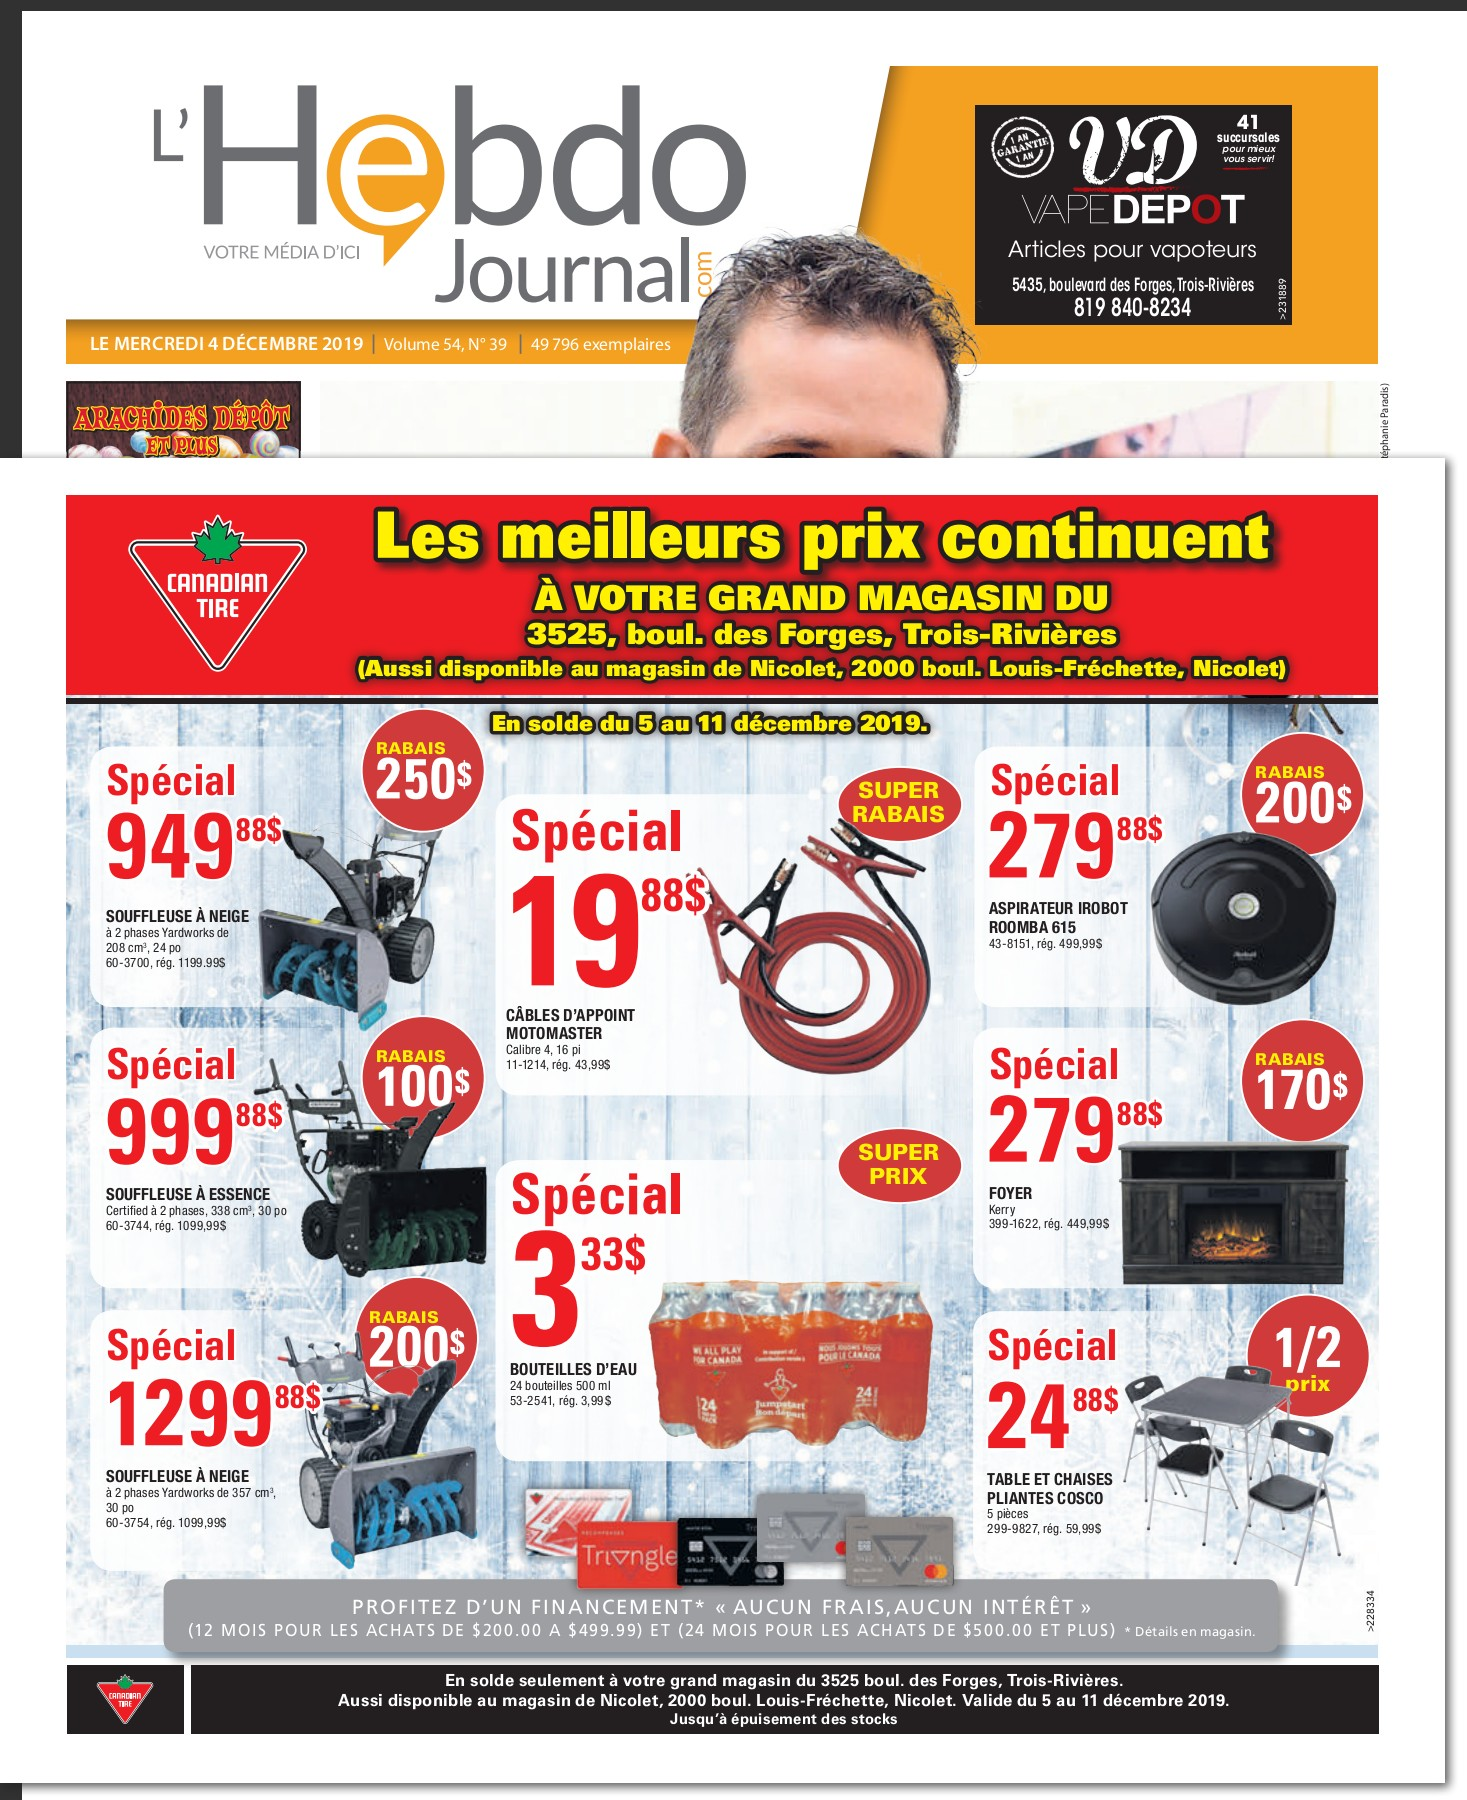 Cadeau Leclerc Génial Hj Pages 1 28 Text Version Of 37 Élégant Cadeau Leclerc